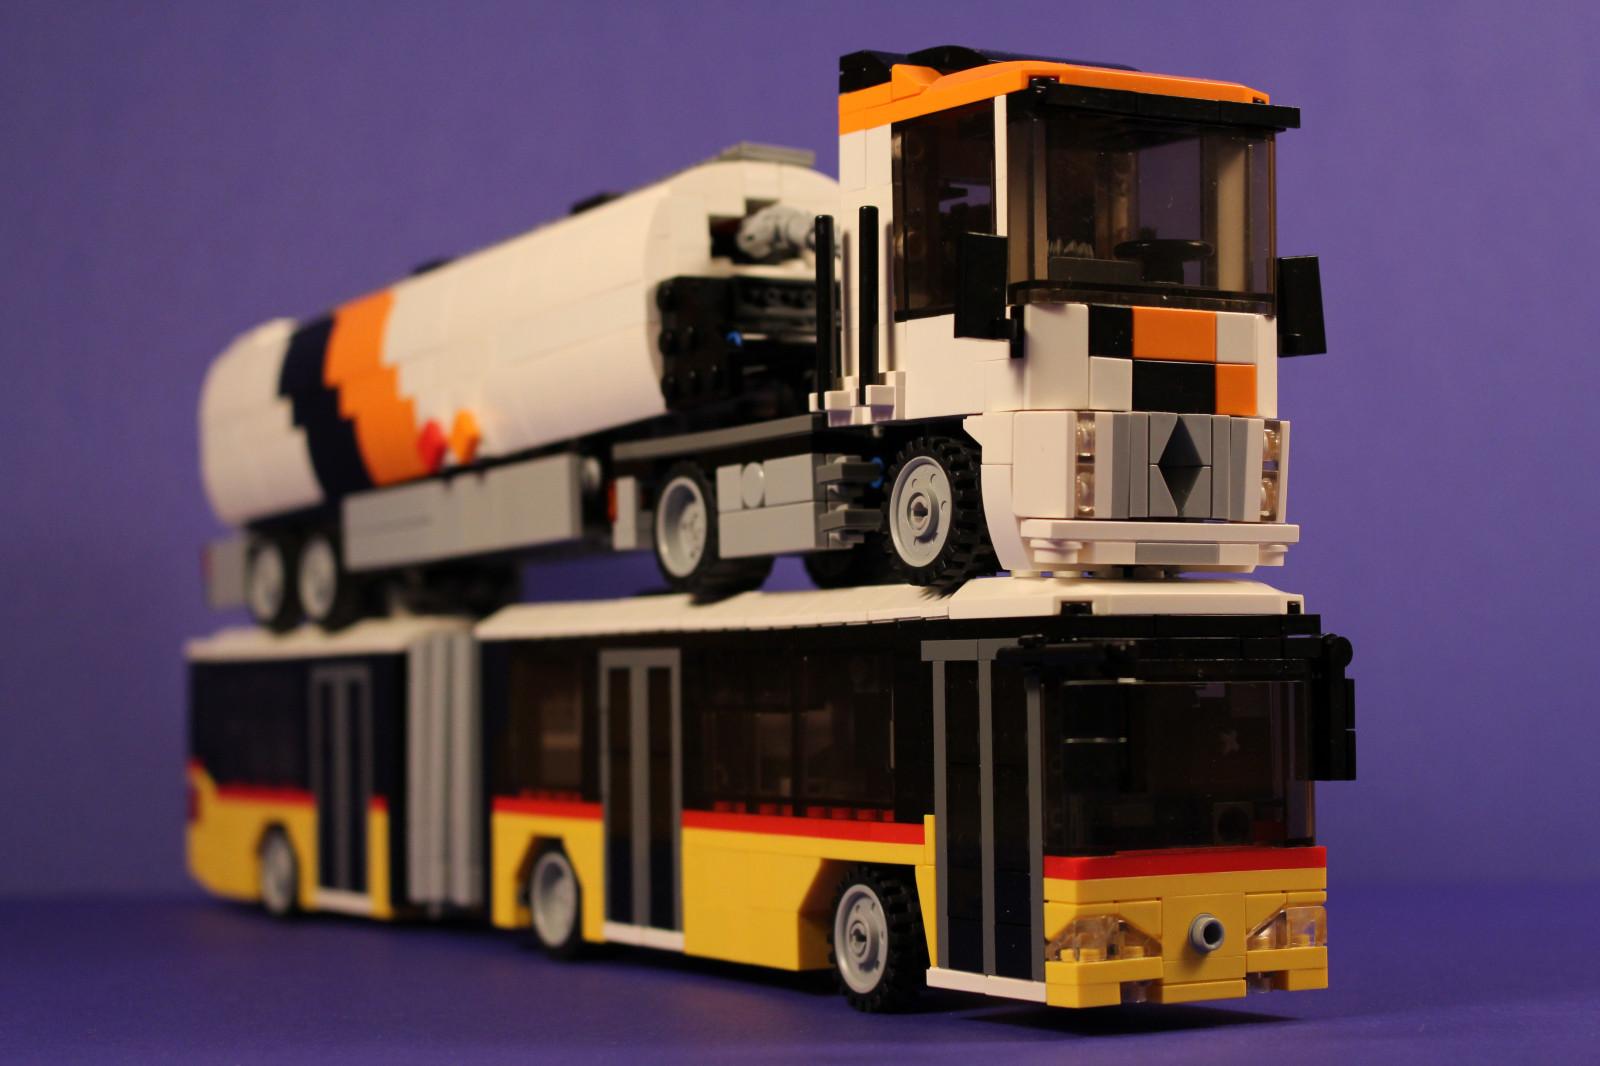 Fond D'écranVéhicule TransportProduitLego À De MoteurMode 0XZ8nONPkw